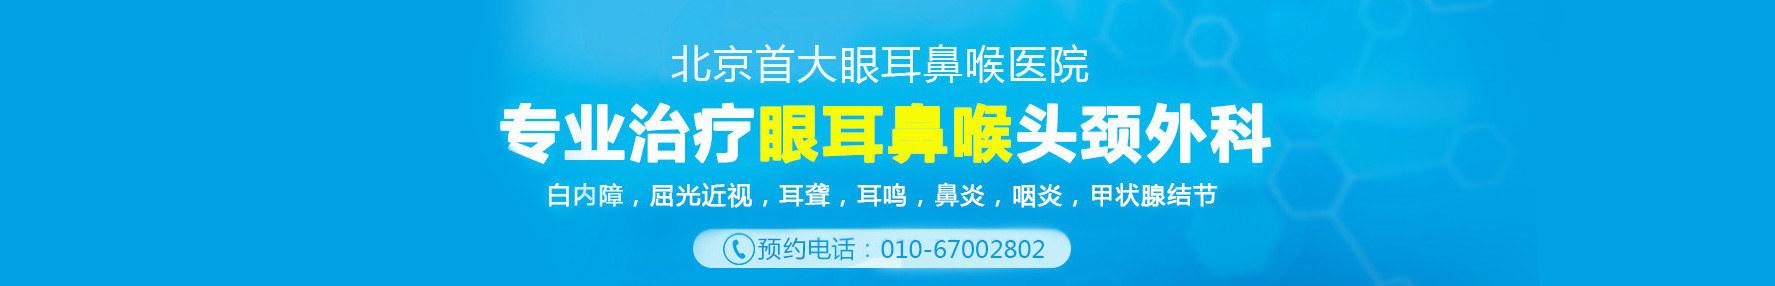 北京眼耳鼻喉医院